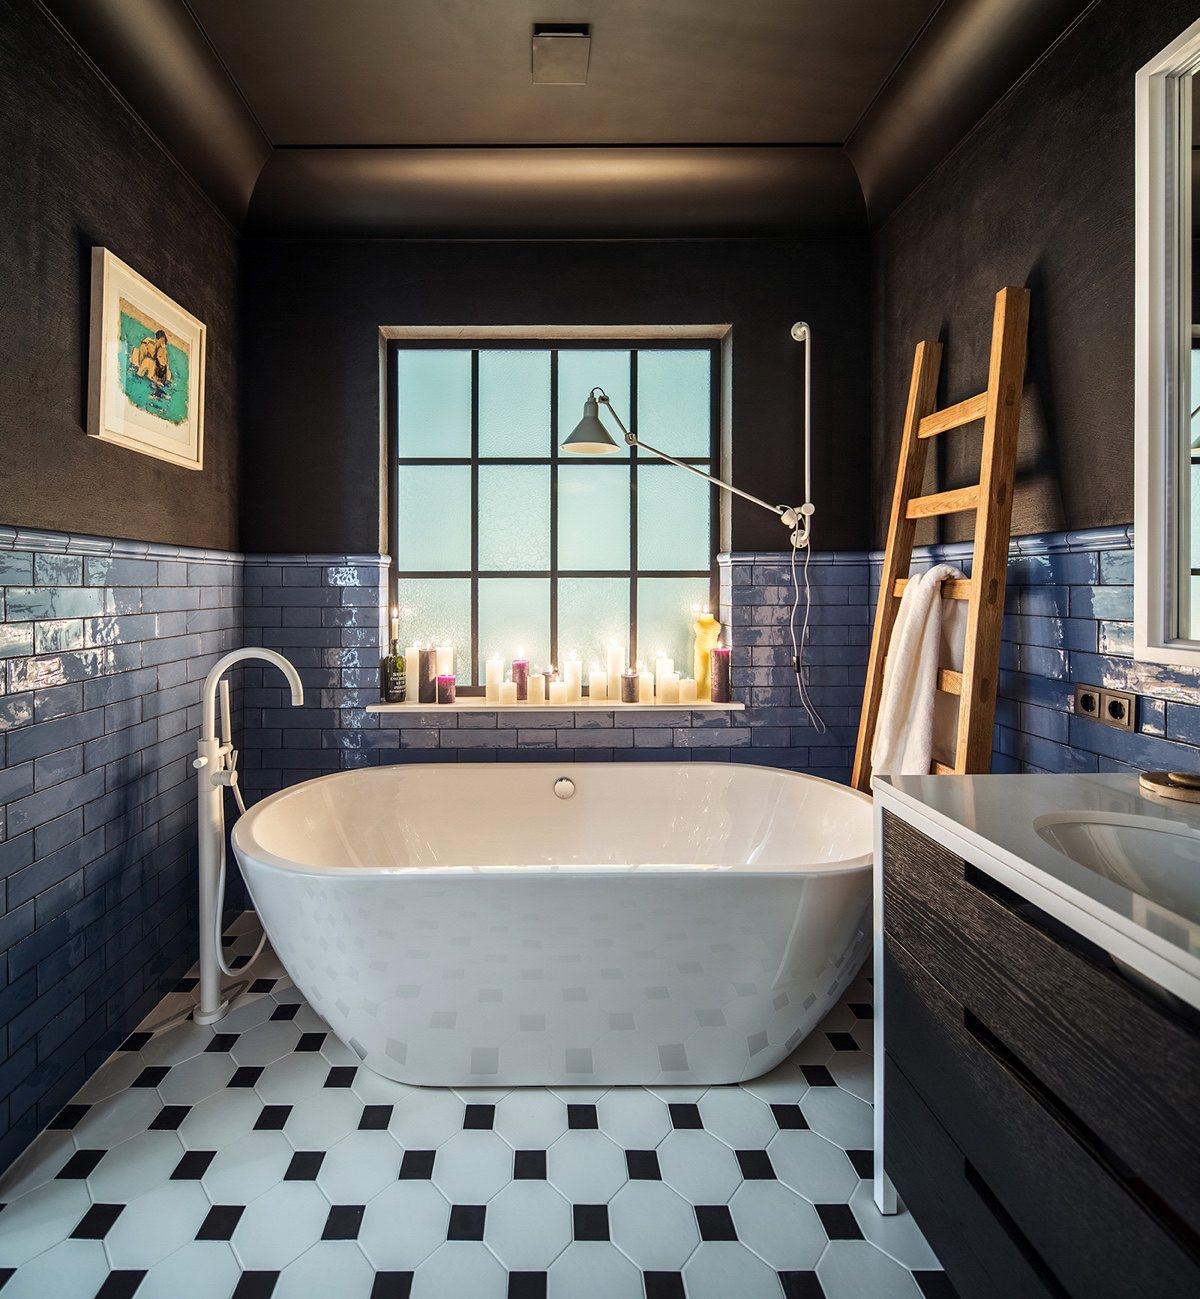 chest bathroom decor ideas